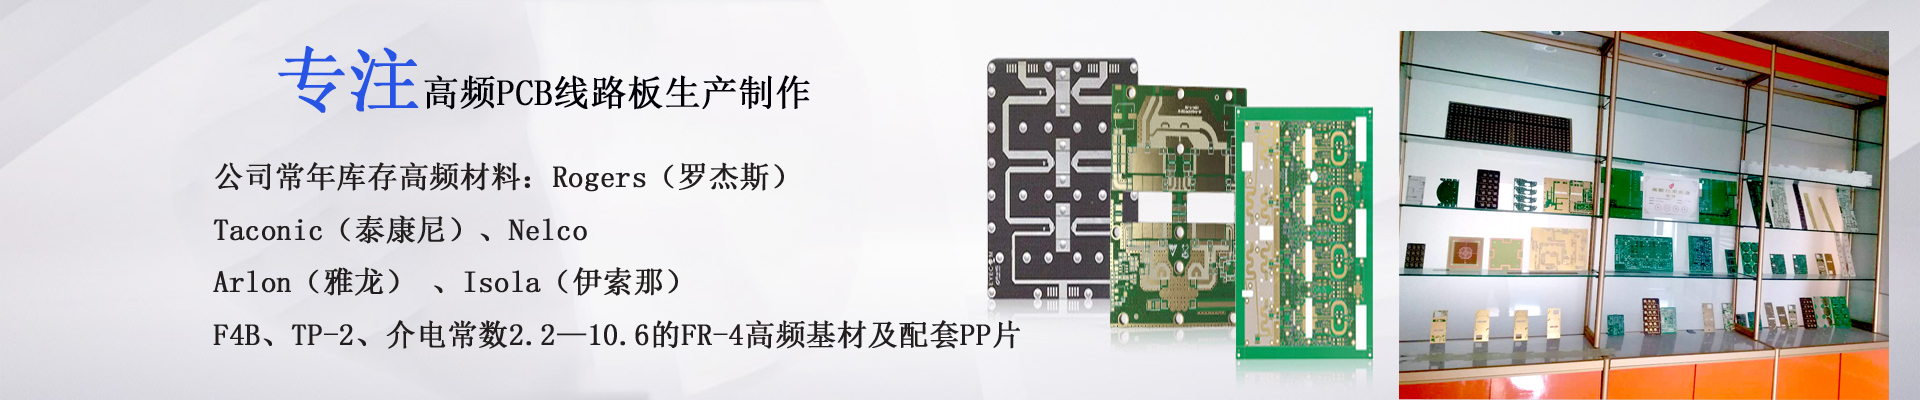 5.8g-24g感应高频板